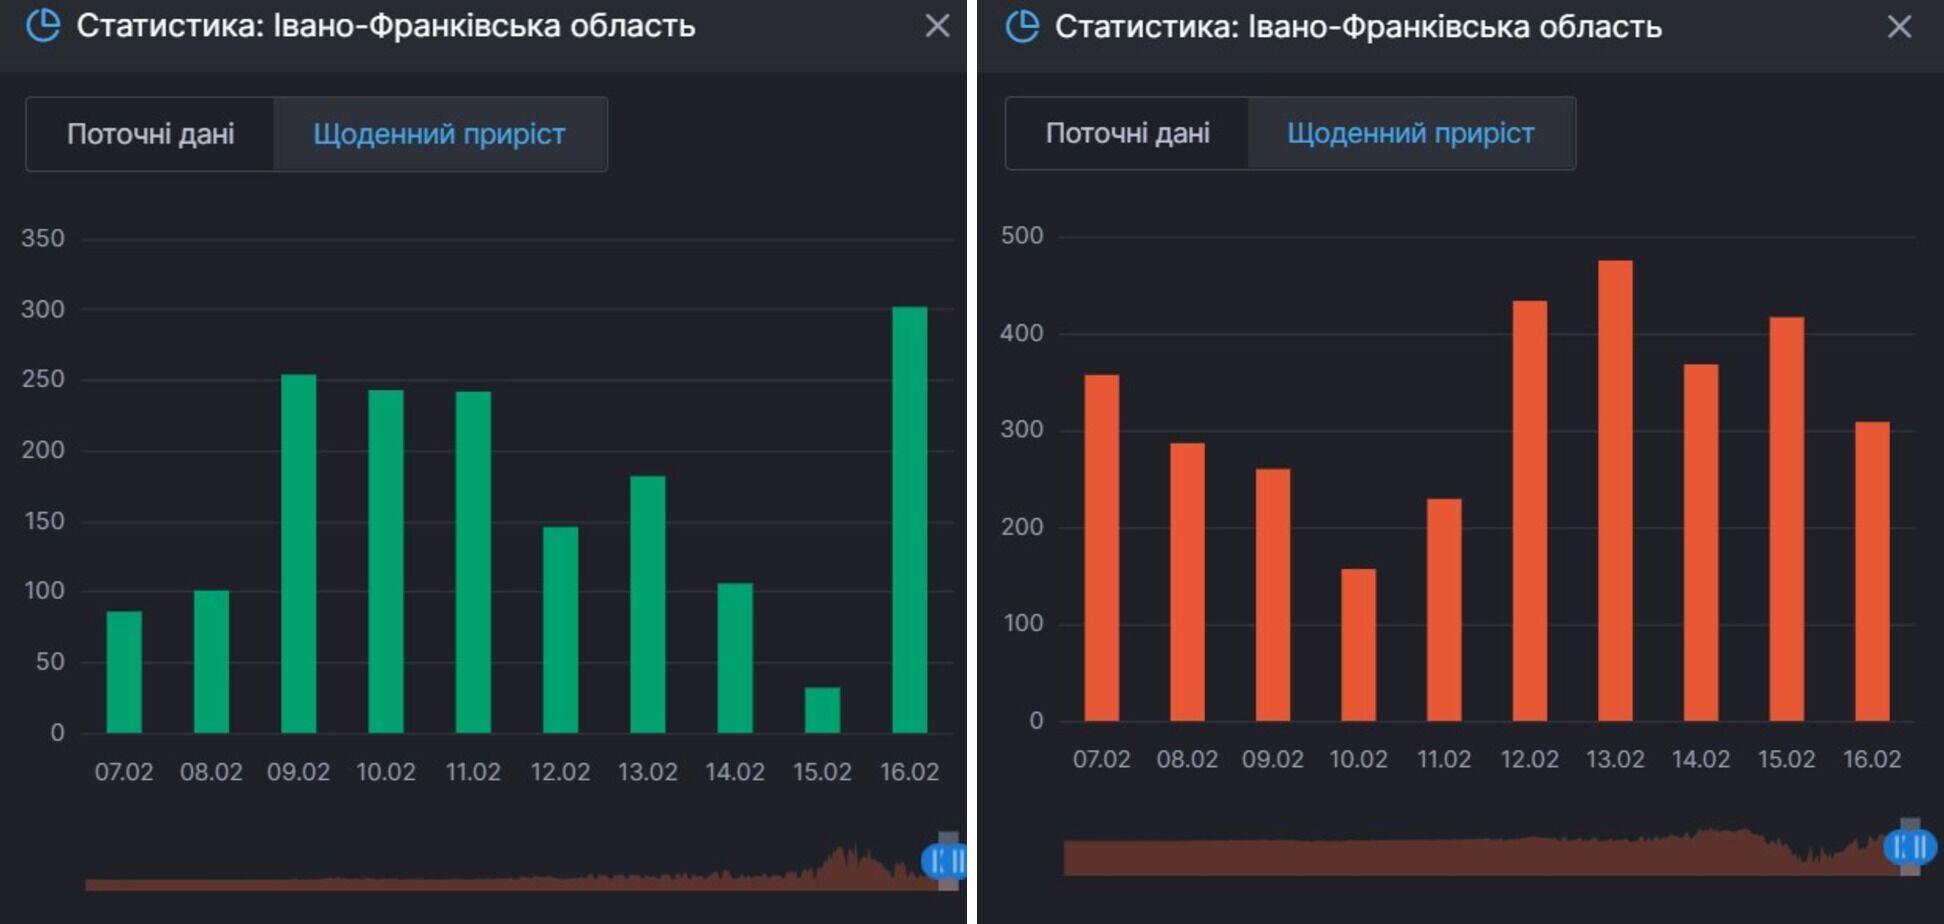 Приріст одужань від COVID-19 і тих, хто продовжує на нього хворіти в Івано-Франківській області